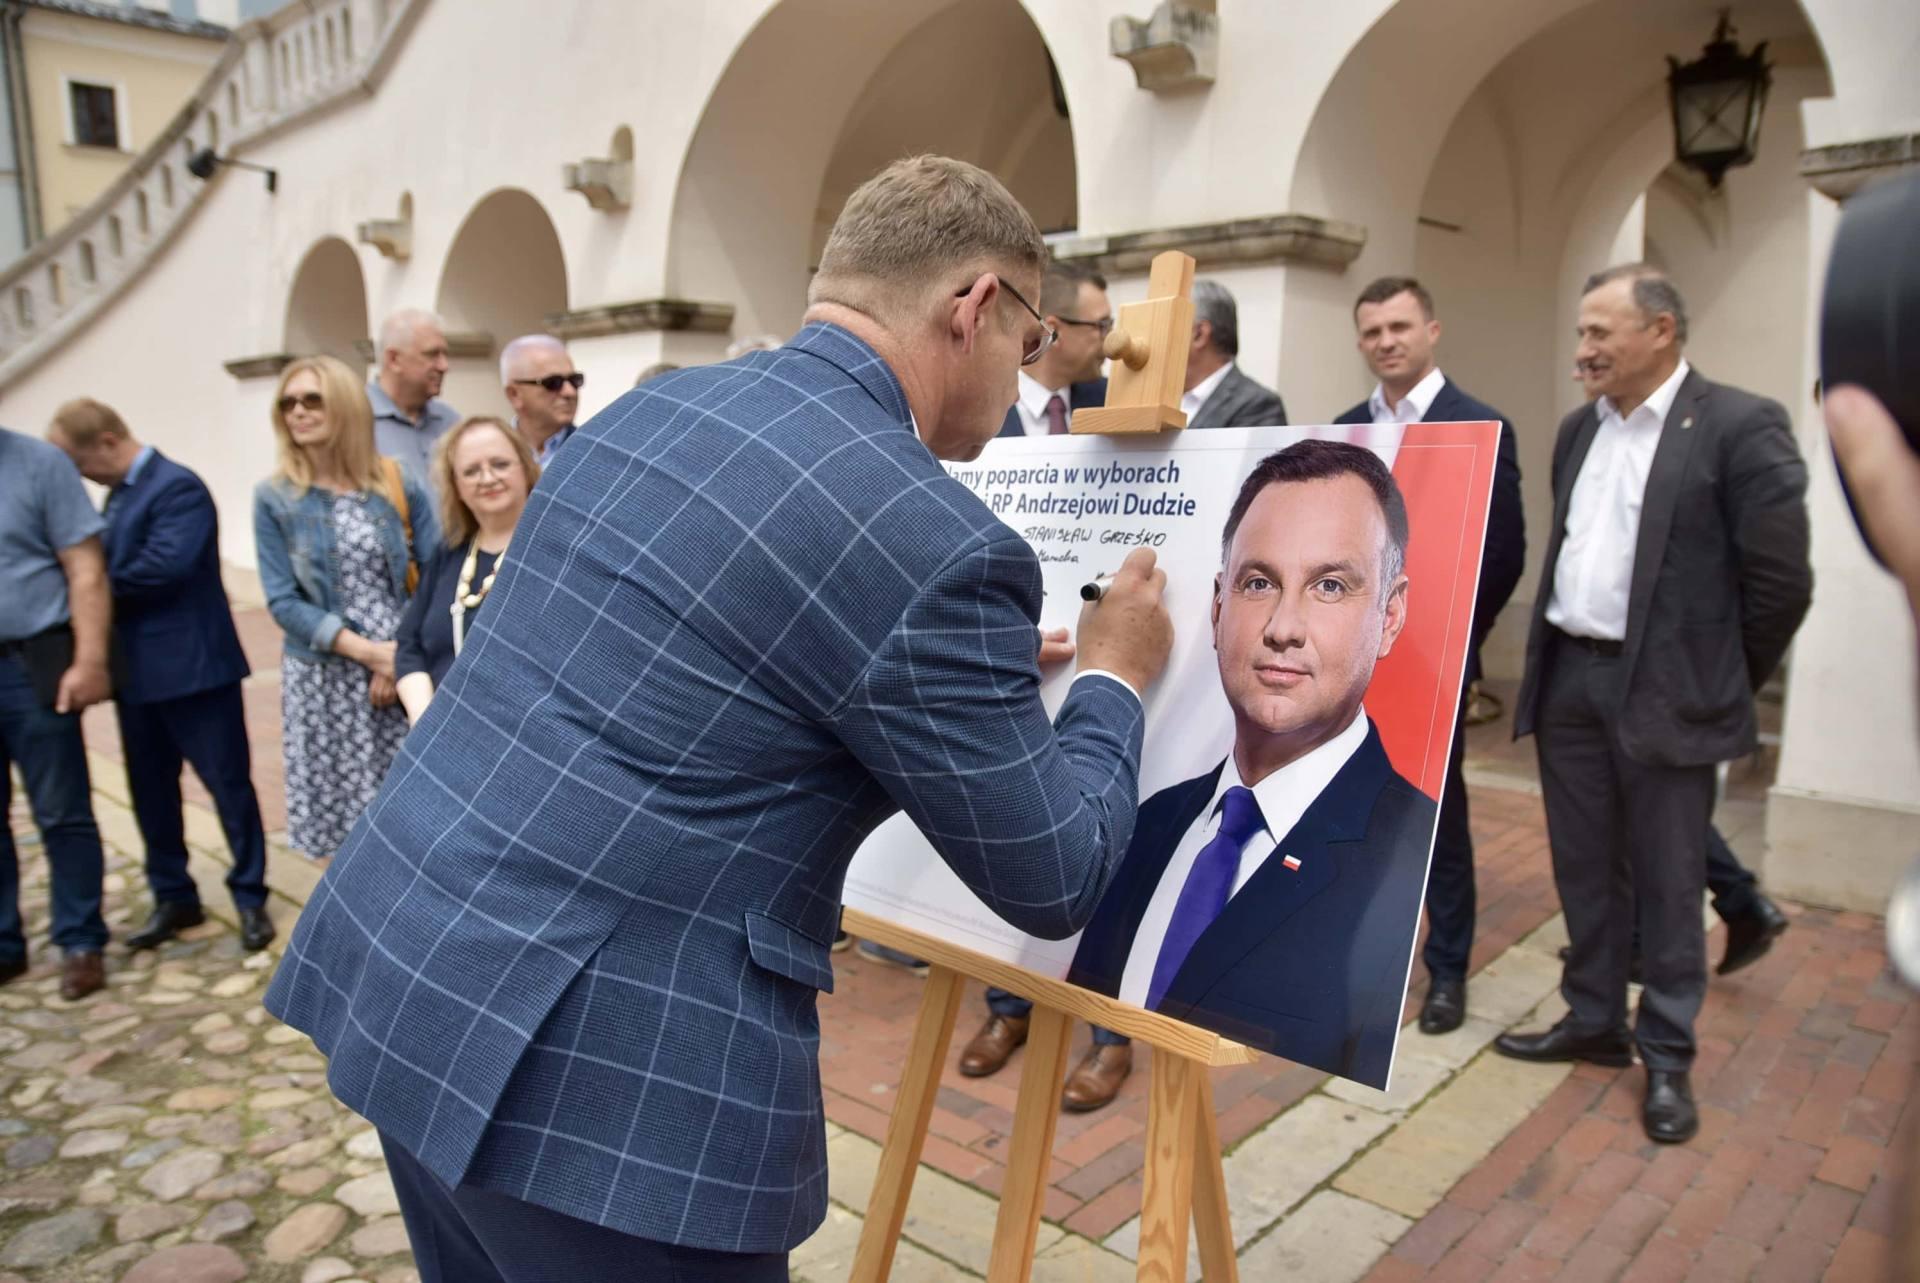 dsc 7779 Zamość: Udzielili poparcia prezydentowi Andrzejowi Dudzie